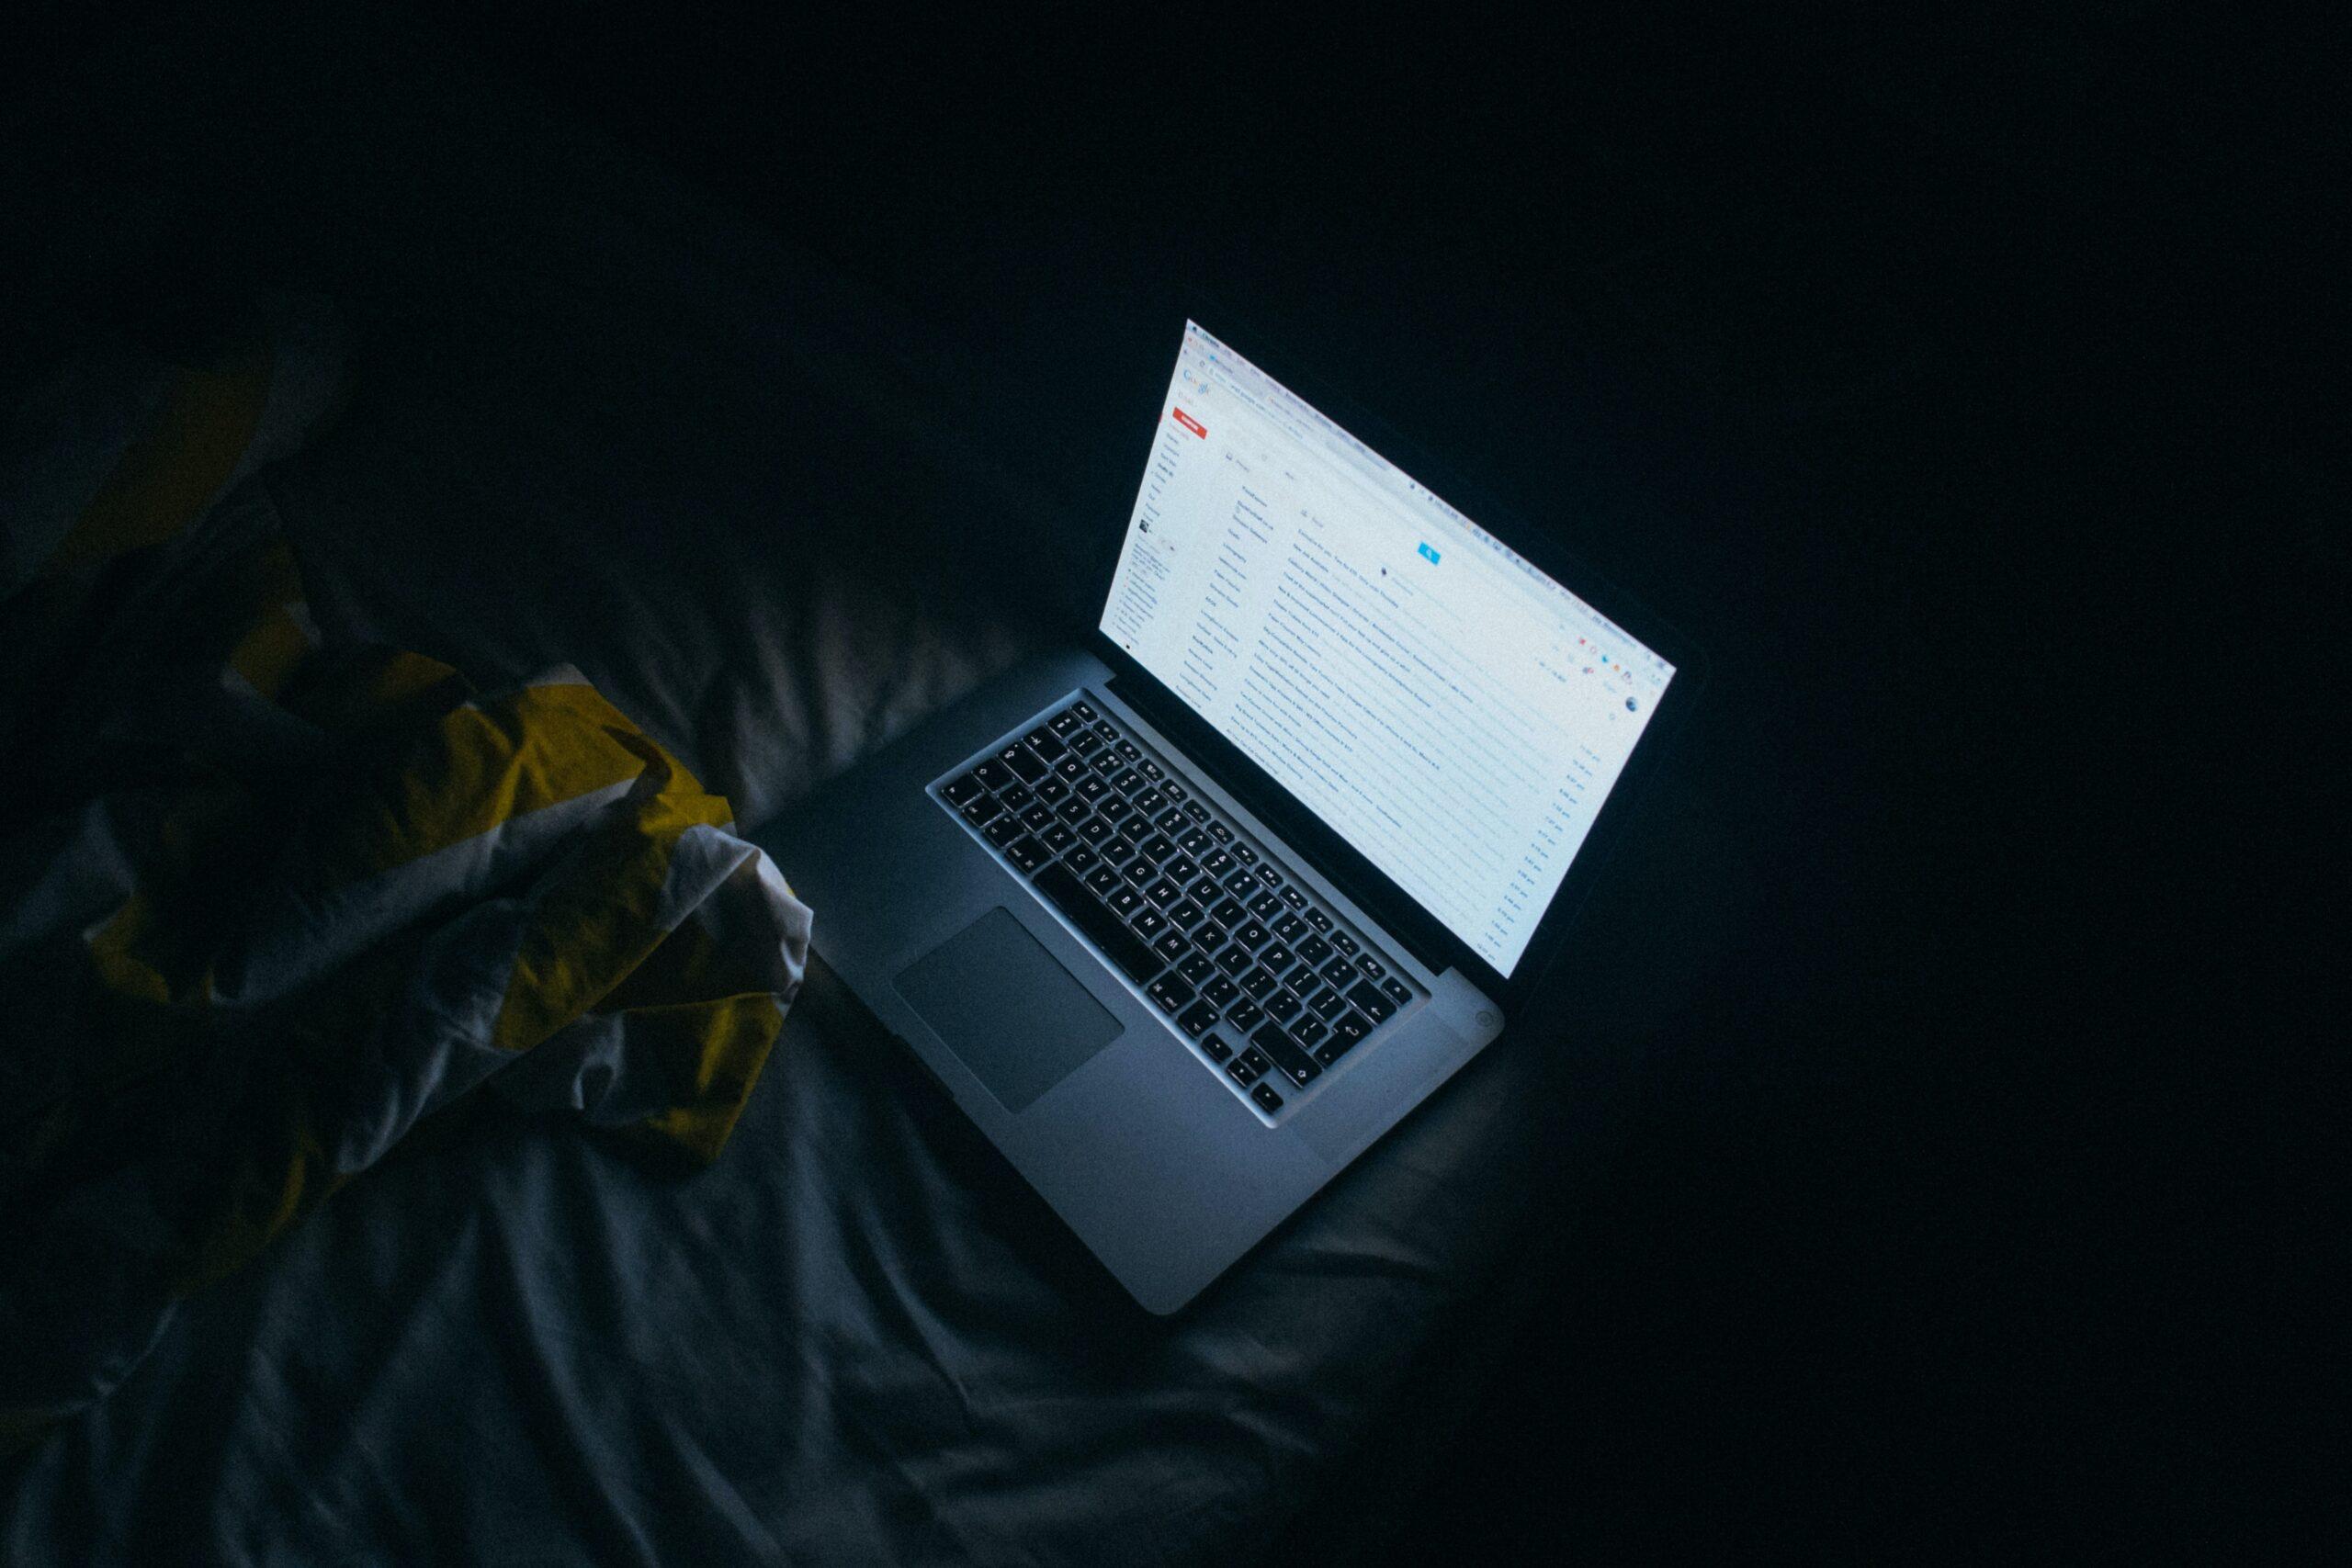 چرا نگاه کردن به صفحهی نمایش الکترونیکی خوابمون رو خراب میکنه؟